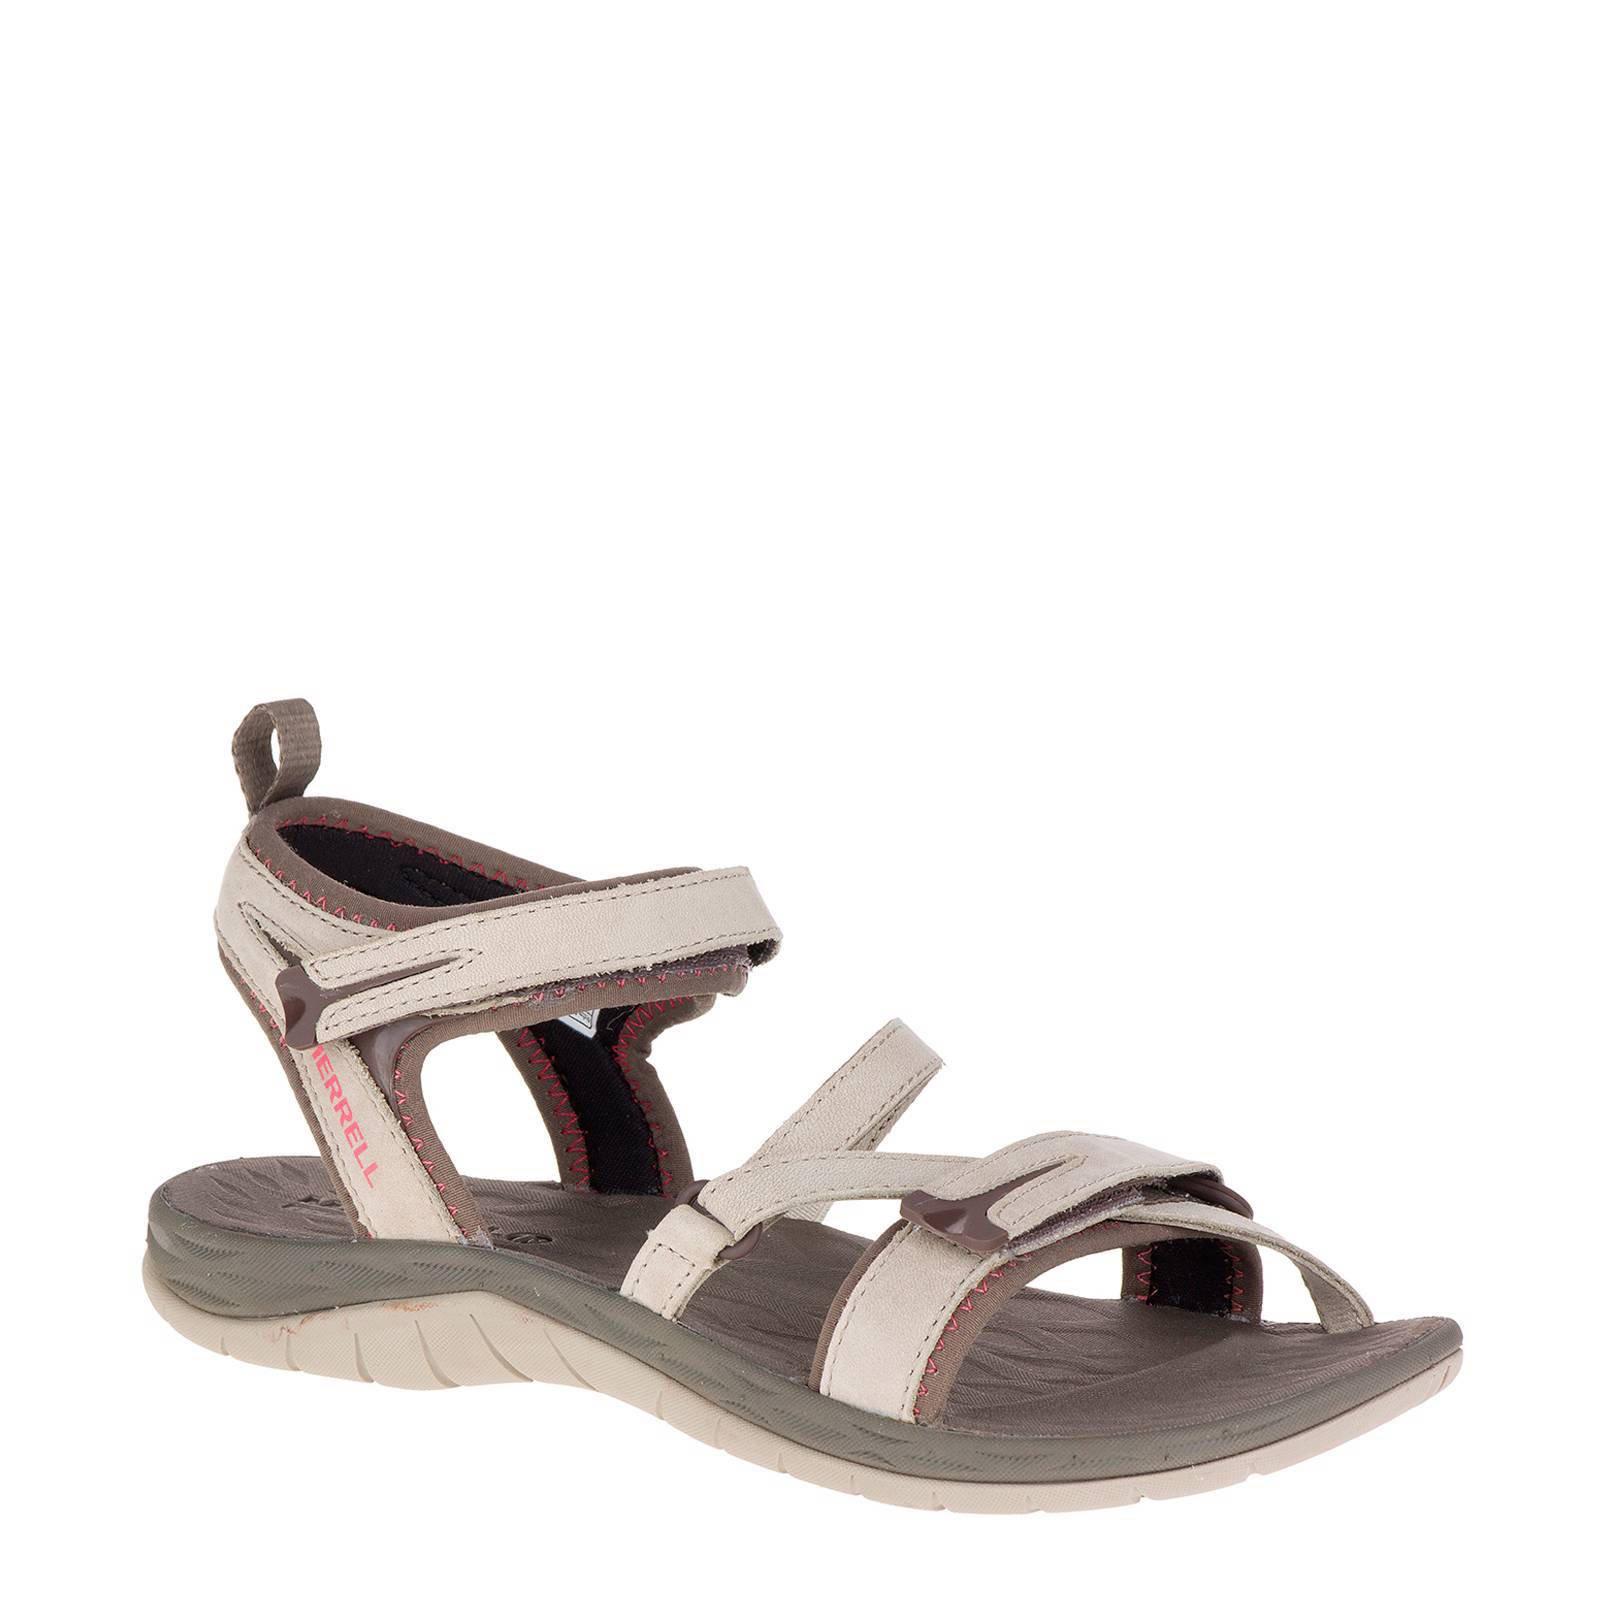 Strap Siren Q2 outdoor zilver Merrell sandalen SqtgE